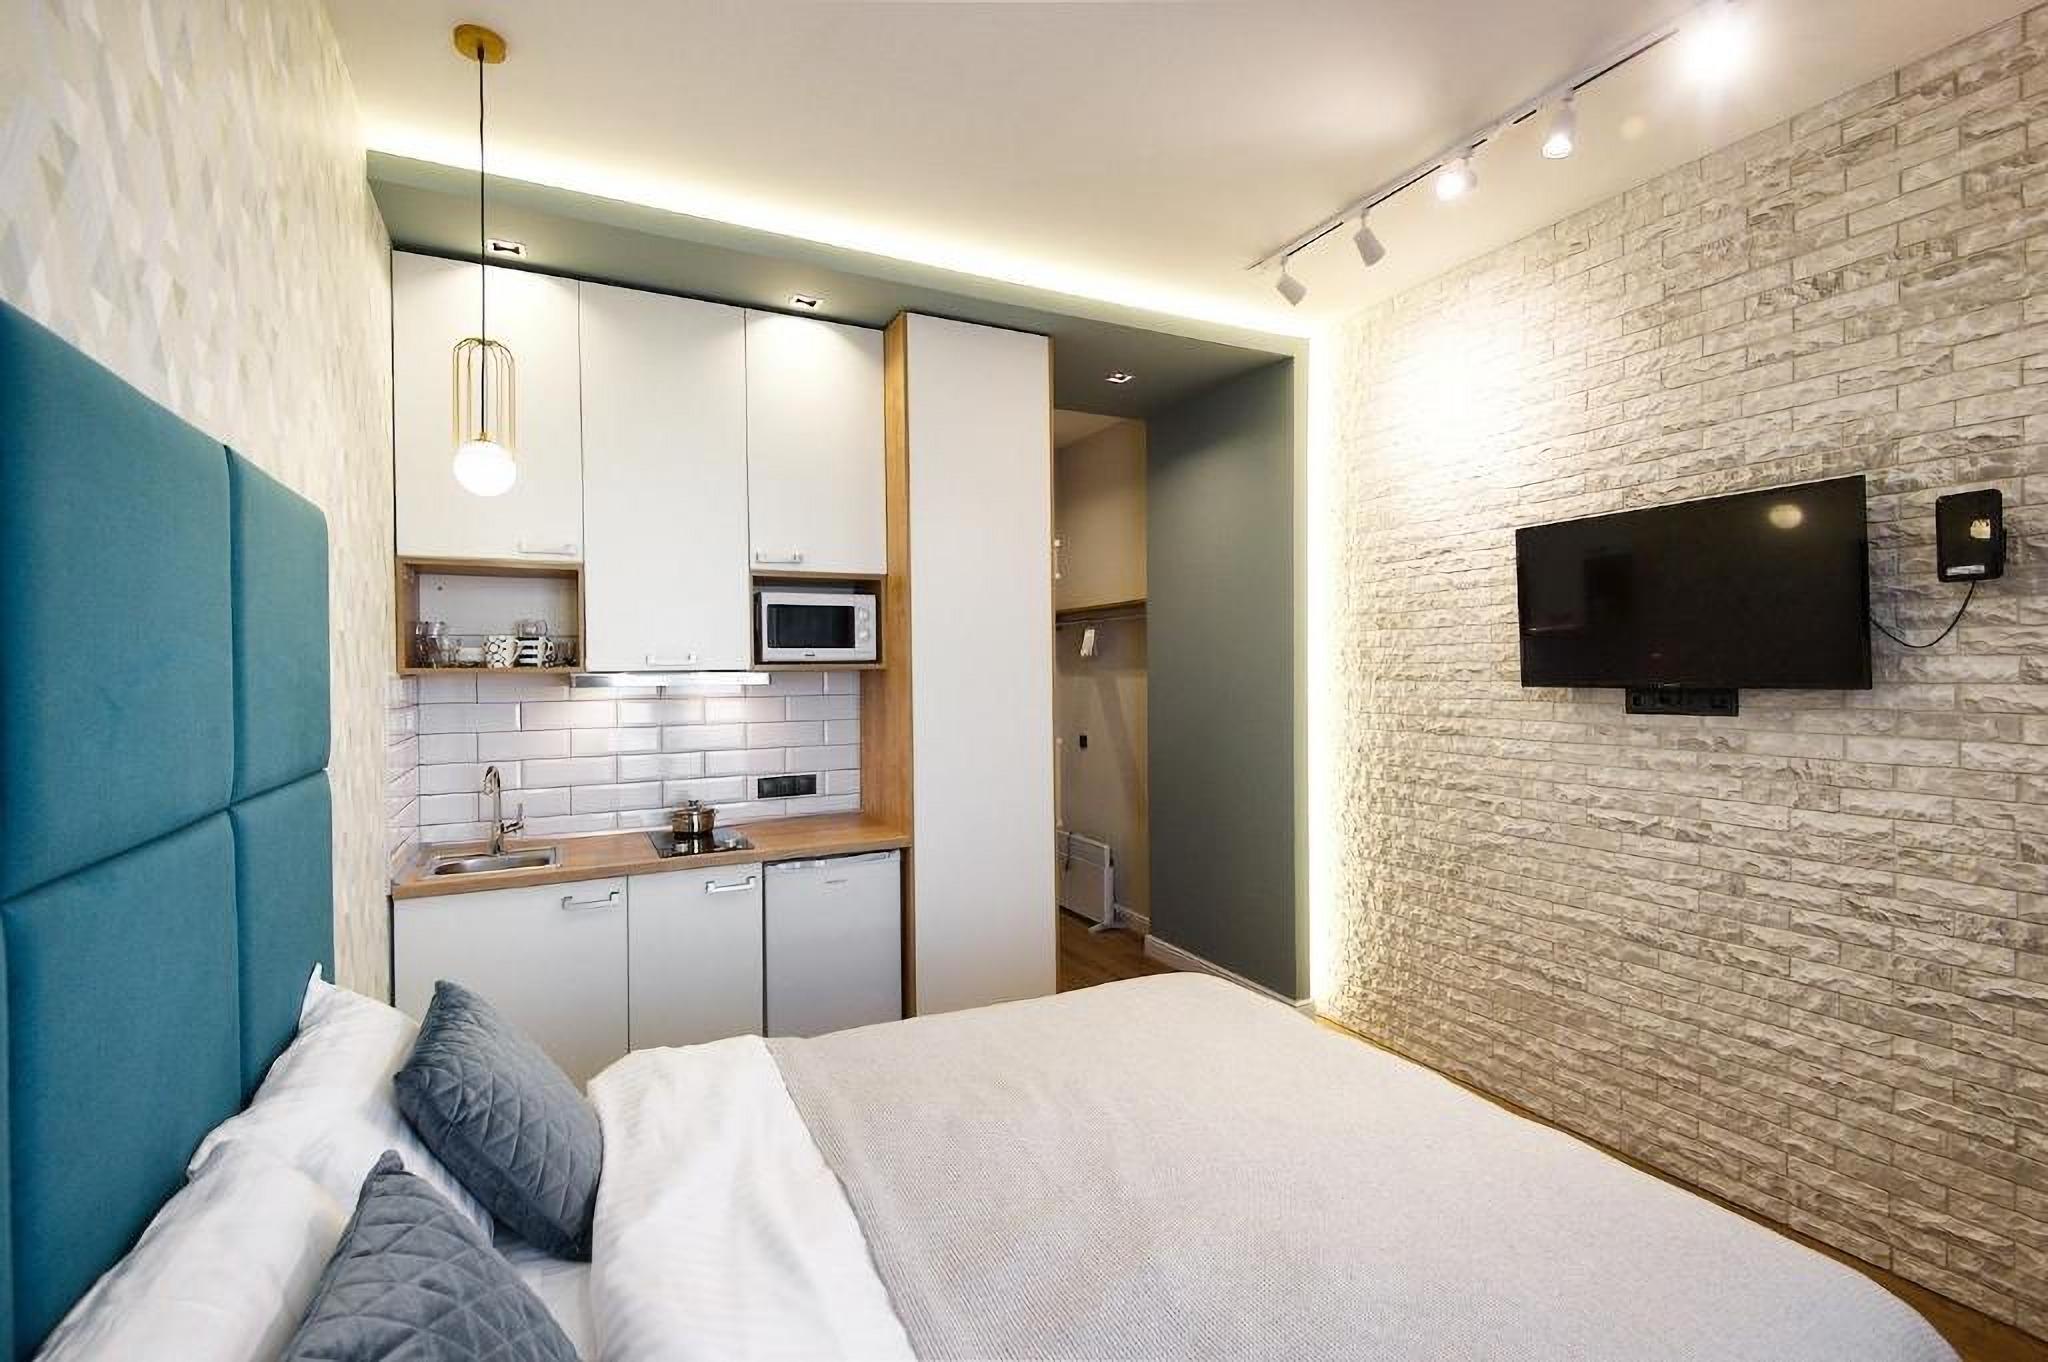 A room in Allurapart Plaza